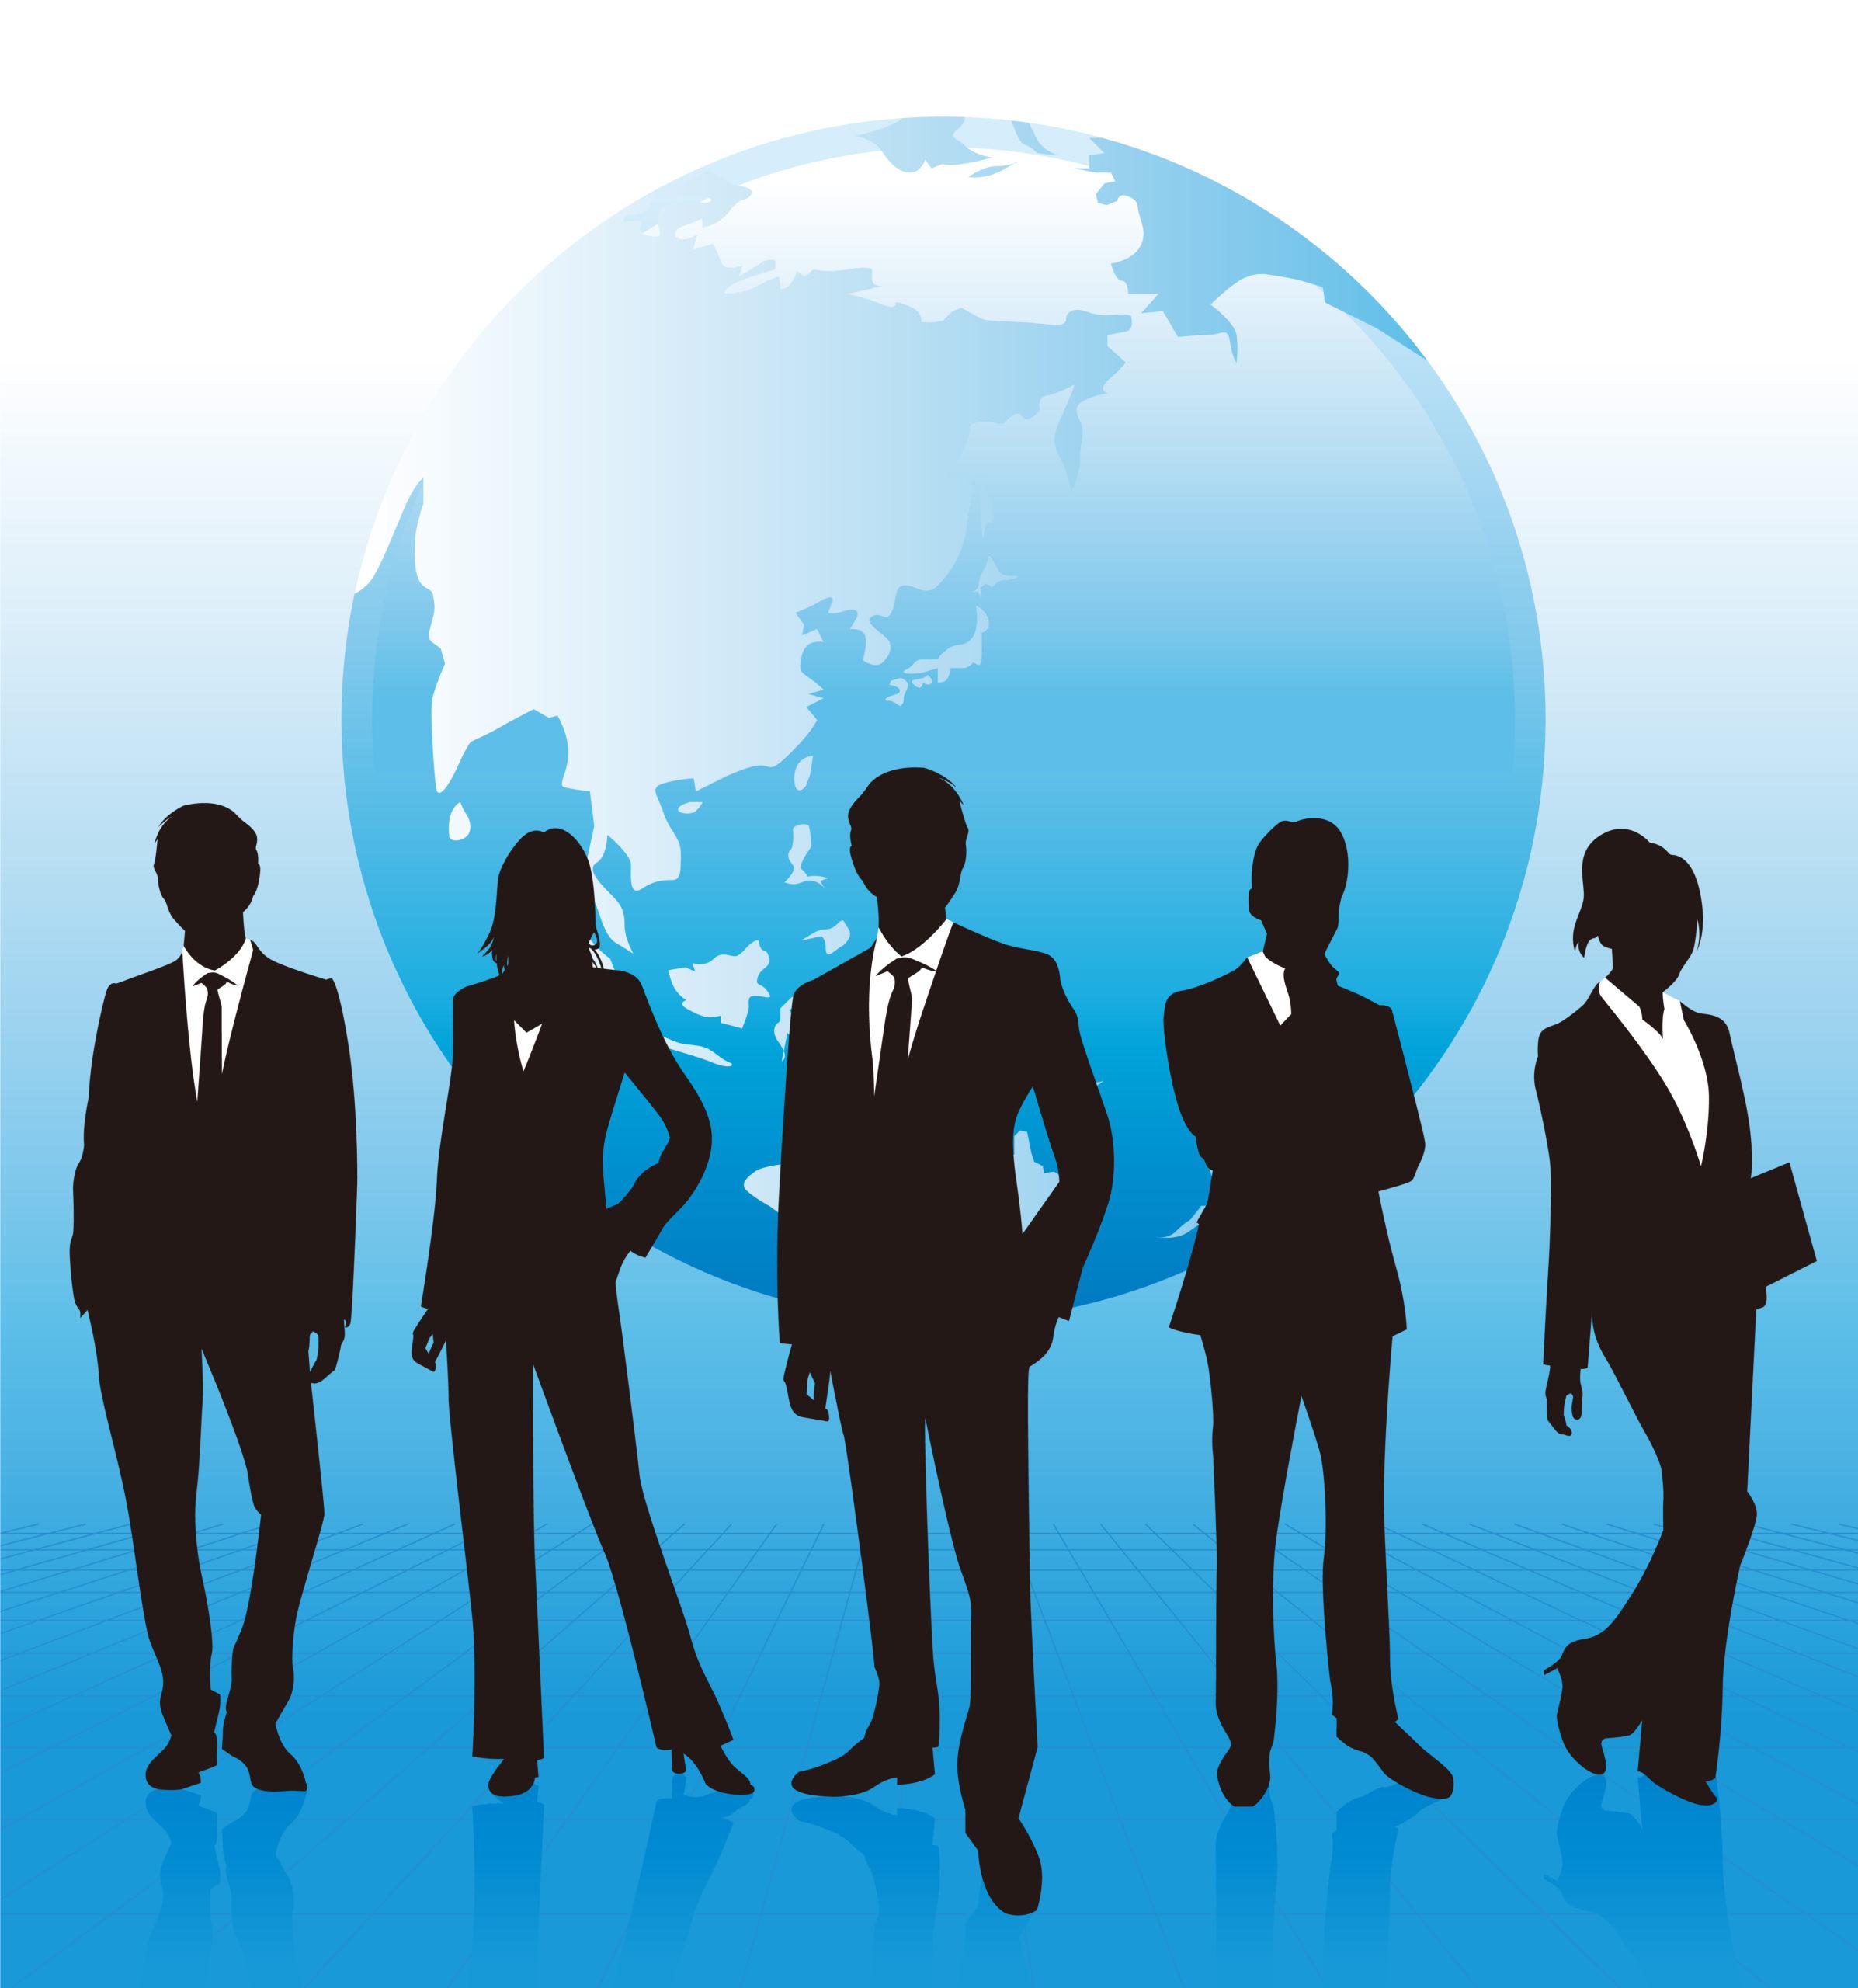 大企業の仕事が大変な理由【大手企業で勤務する人が陥る3つのリスク】